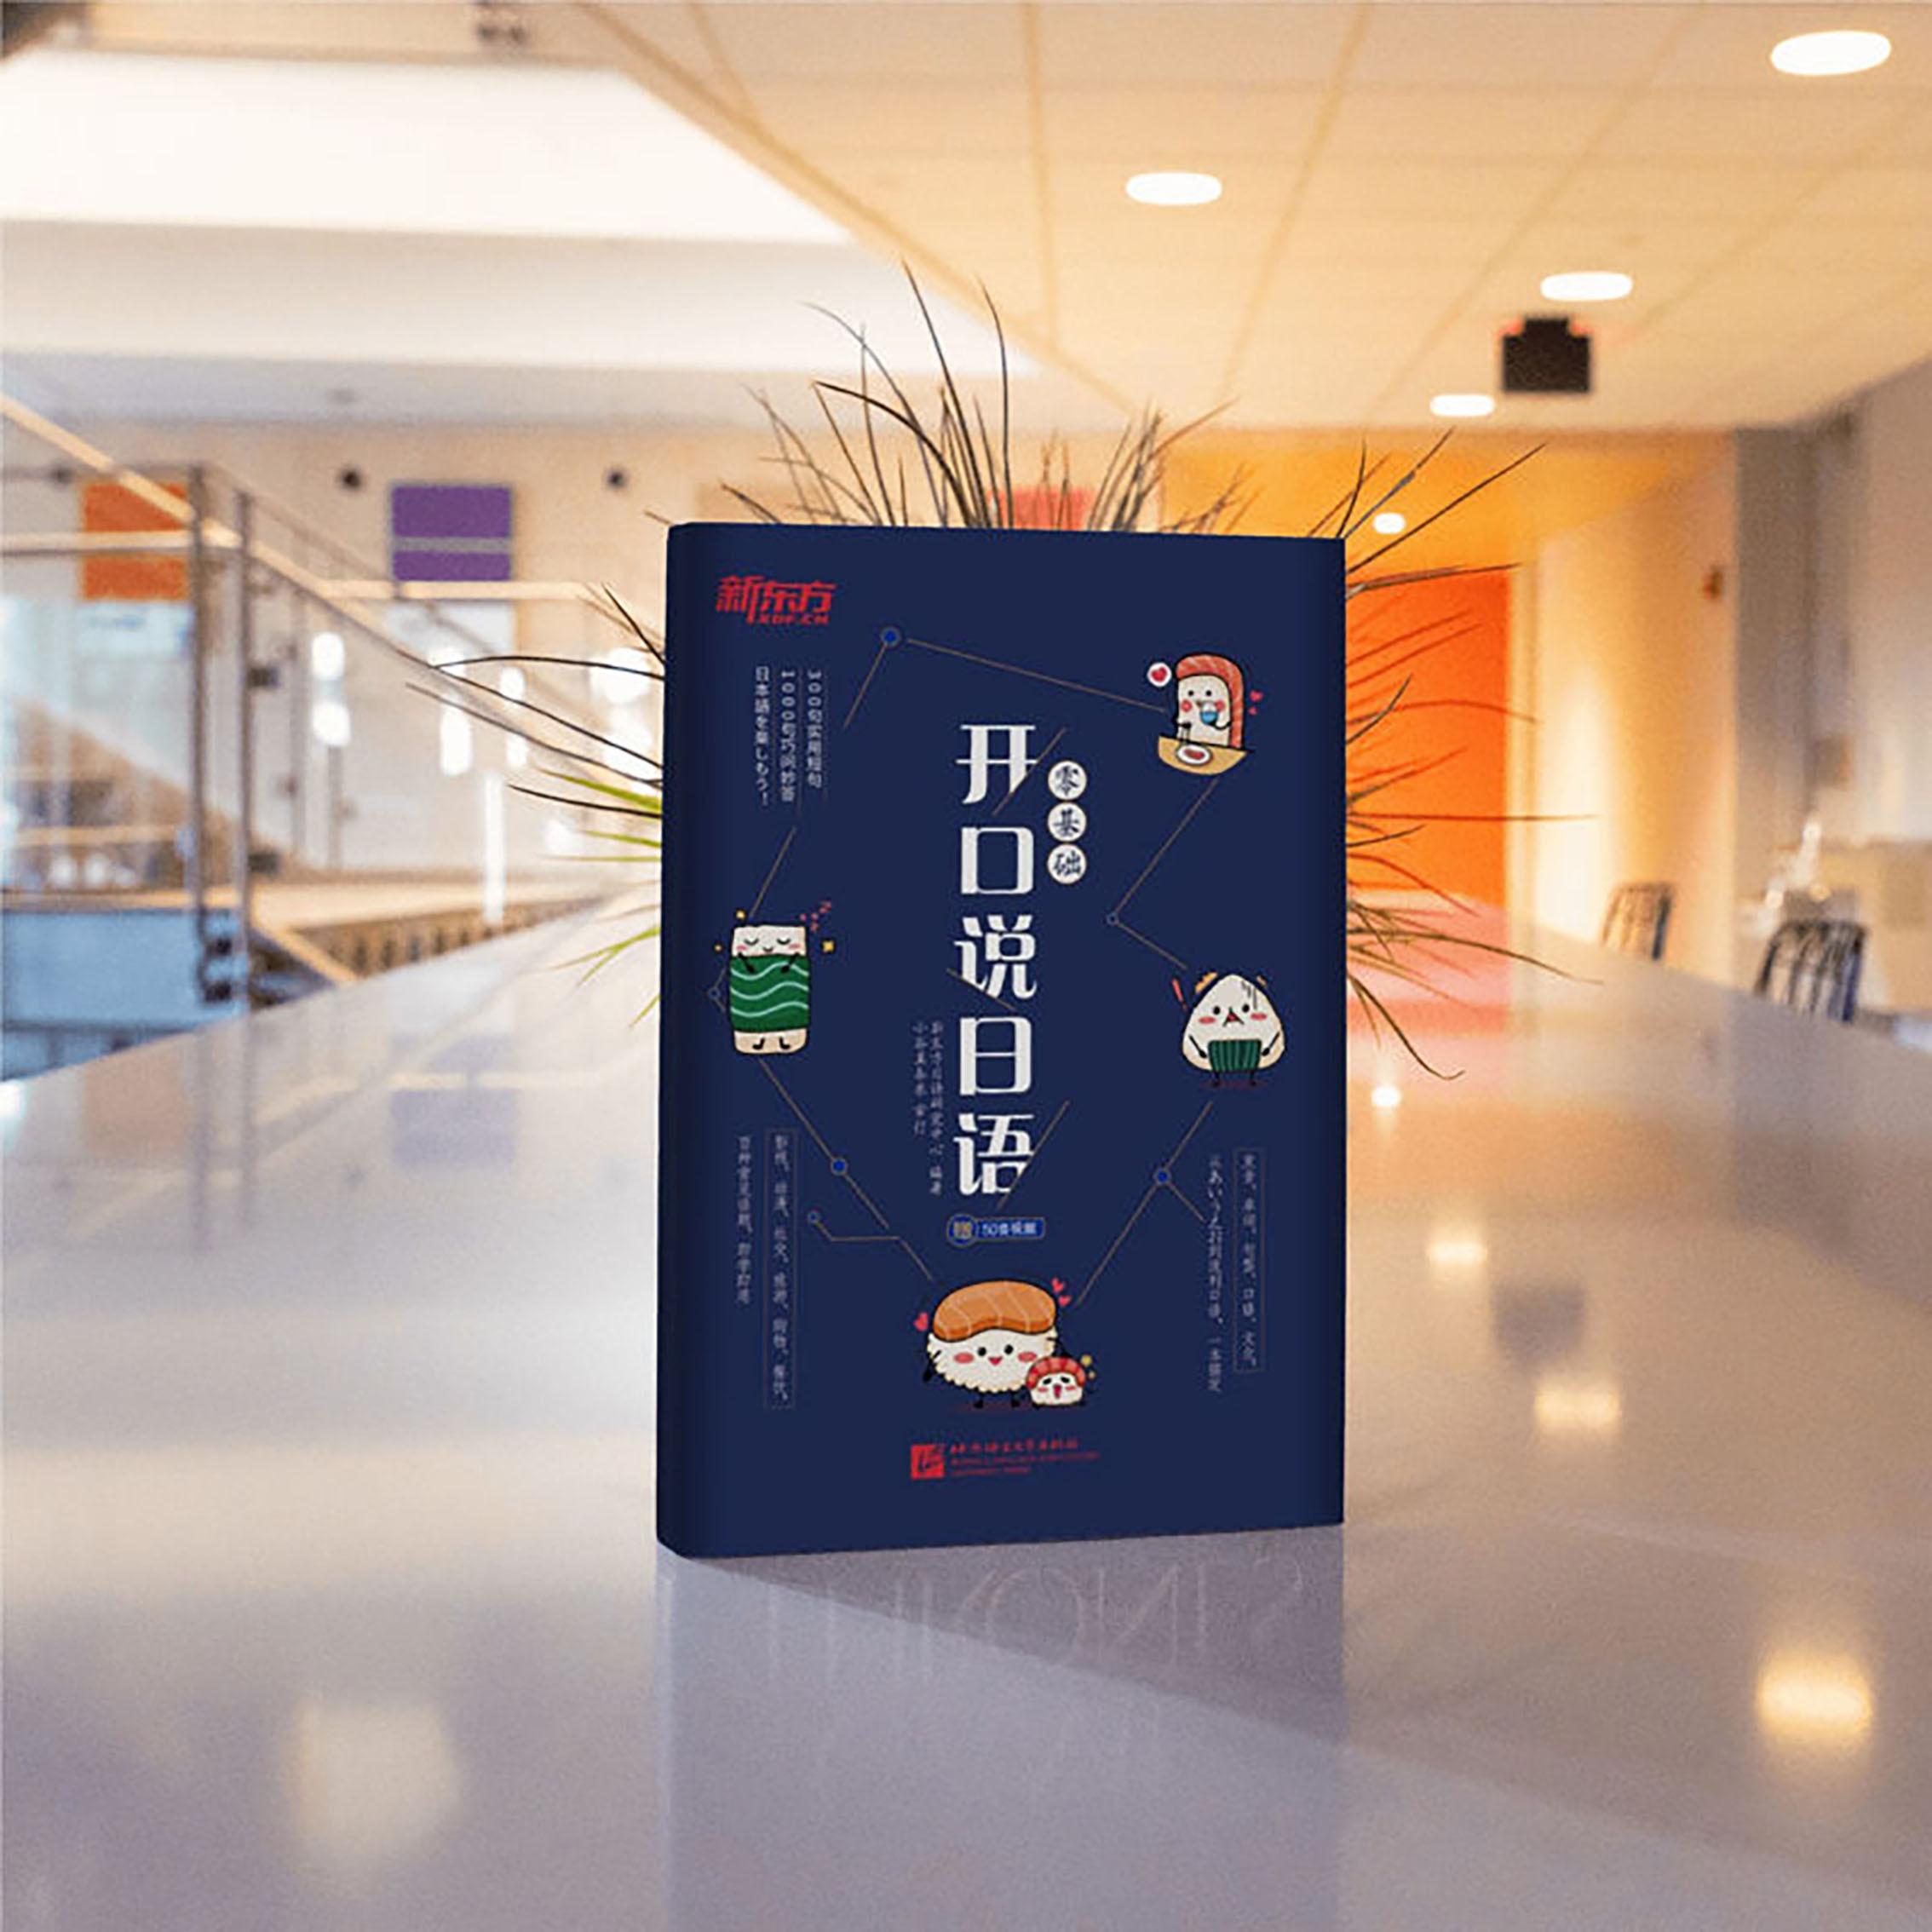 Книги японские вводные курсы стандартные китайско-японские обменные японские самостоятельное обучение новый словарь тетрадь первичное ве...